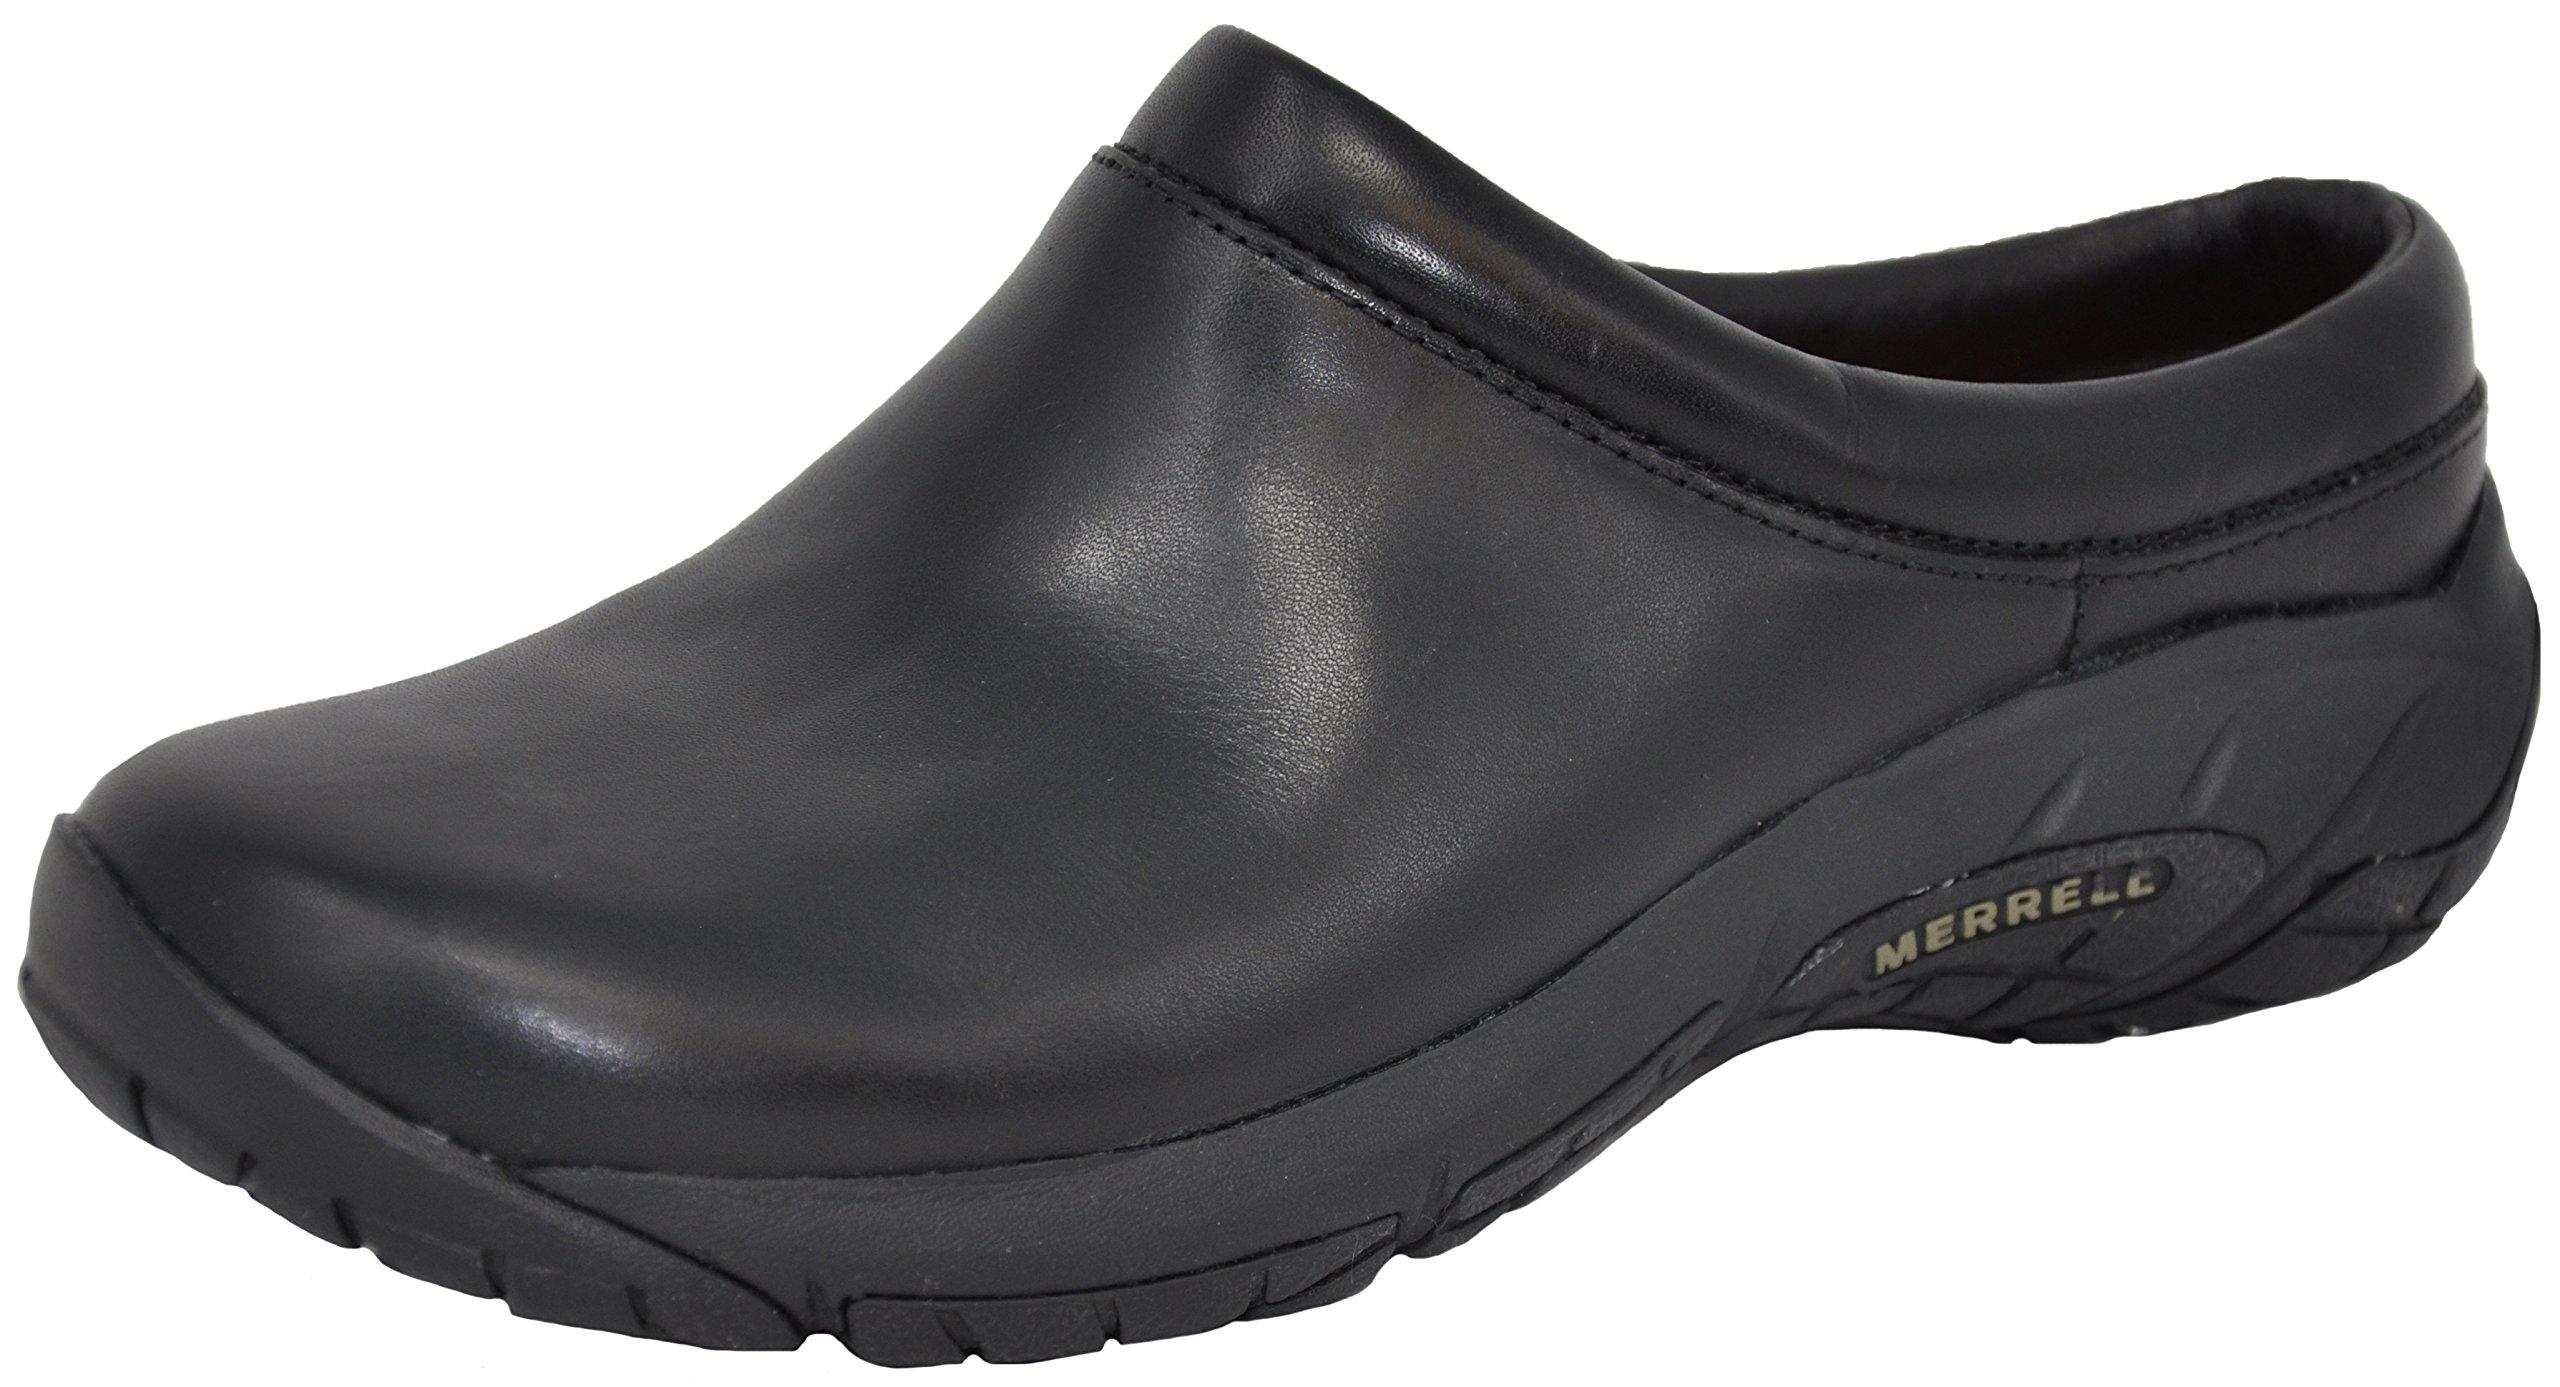 Merrell Women's Encore Nova 2 Slip-On Shoe, Black Smooth, 8 M US by Merrell